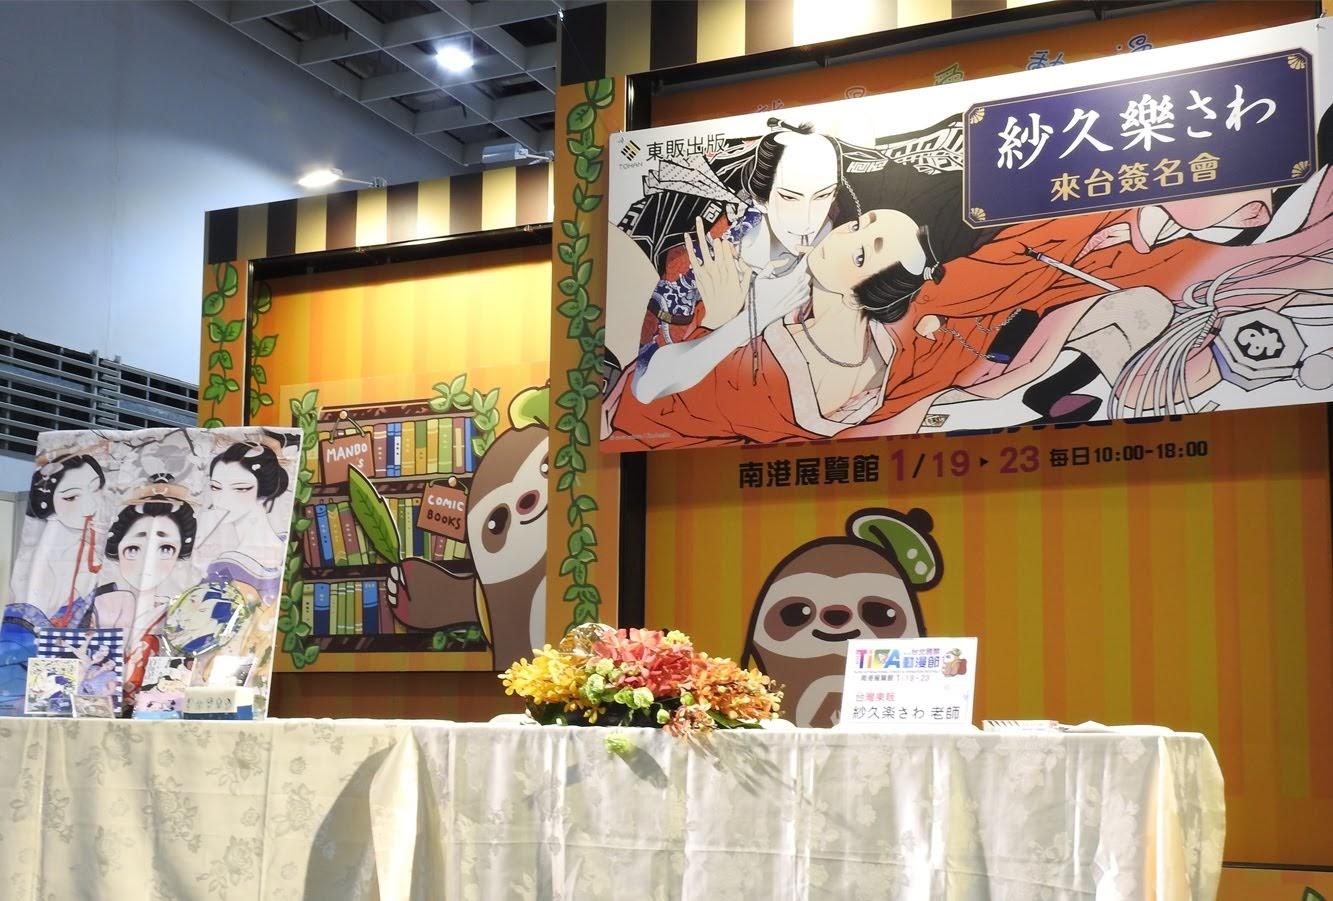 【迷迷訪問】江戶風唯美漫畫家 紗久楽さわ 海外首場簽名會 「希望藉由故事將當時的生活日常呈現出來!」